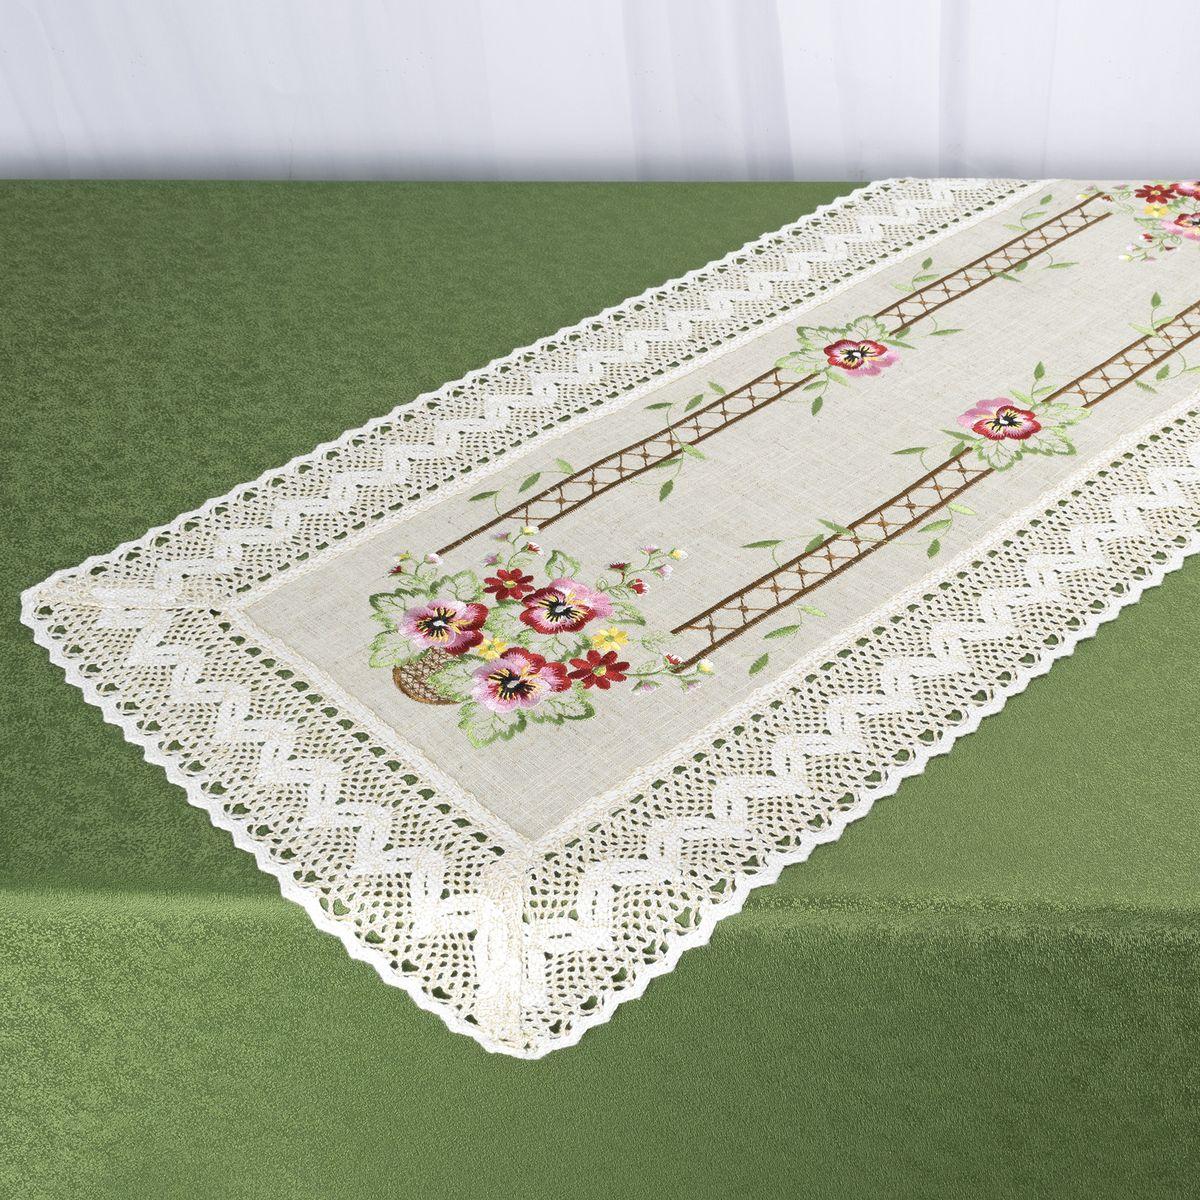 Дорожка для декорирования стола Schaefer, 40 x 90 см, цвет: белый. 07702-200VT-1520(SR)Дорожка для декорирования стола Schaefer может быть использована, как основной элемент, так и дополнение для создания уюта и романтического настроения.Дорожка выполнена из полиэстера. Изделие легко стирать: оно не мнется, не садится и быстро сохнет, более долговечно, чем изделие из натуральных волокон.Материал: 100% полиэстер.Размер: 40 x 90 см.